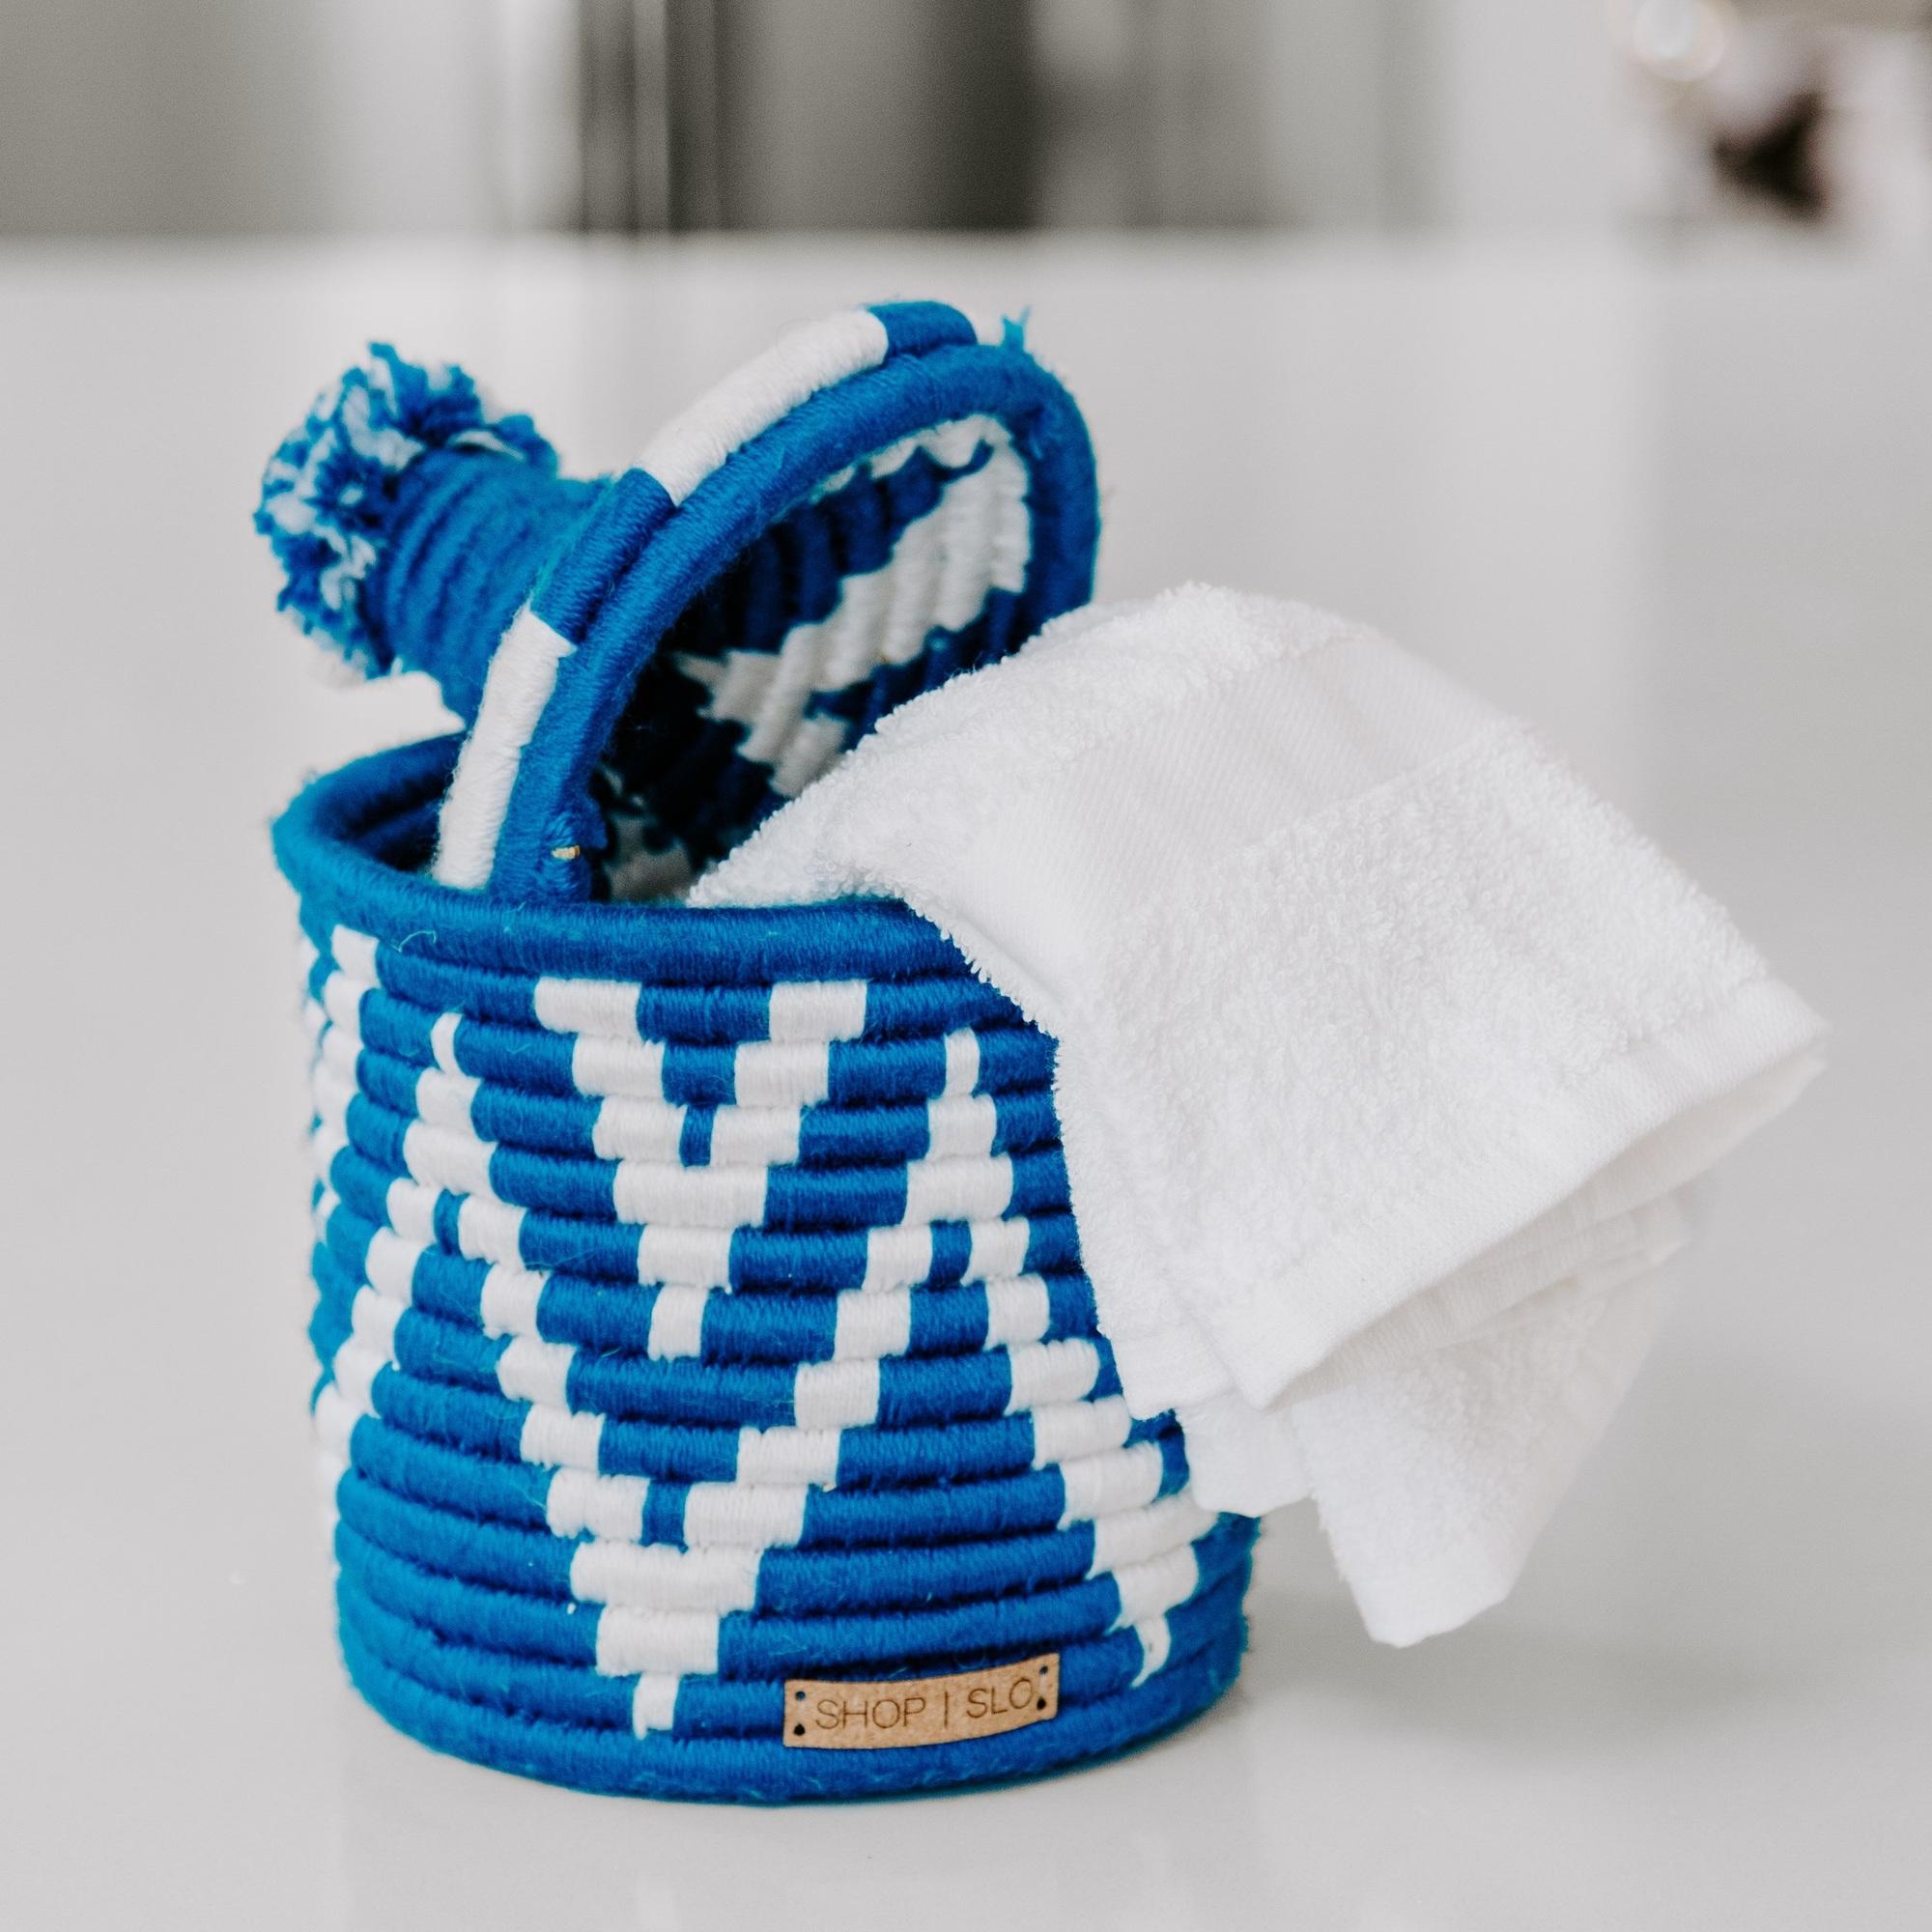 Vintage Souk Wool Basket